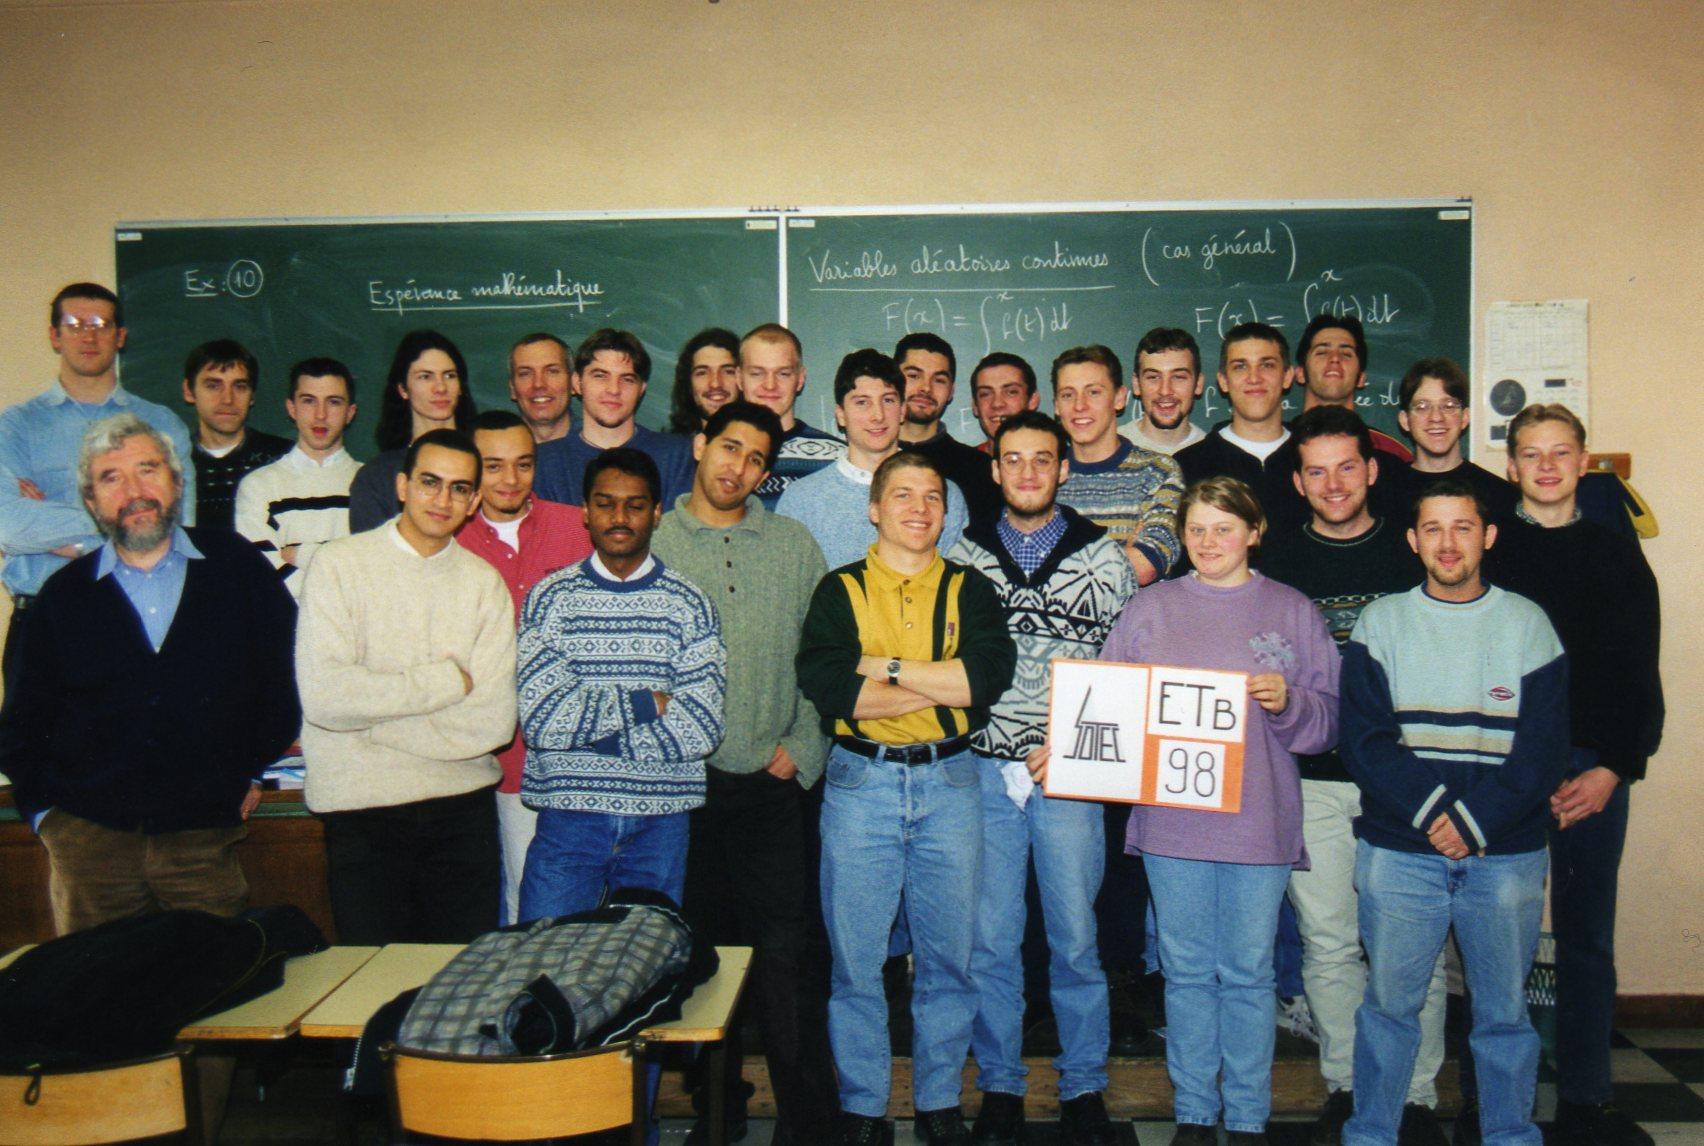 ETB_1998.jpg